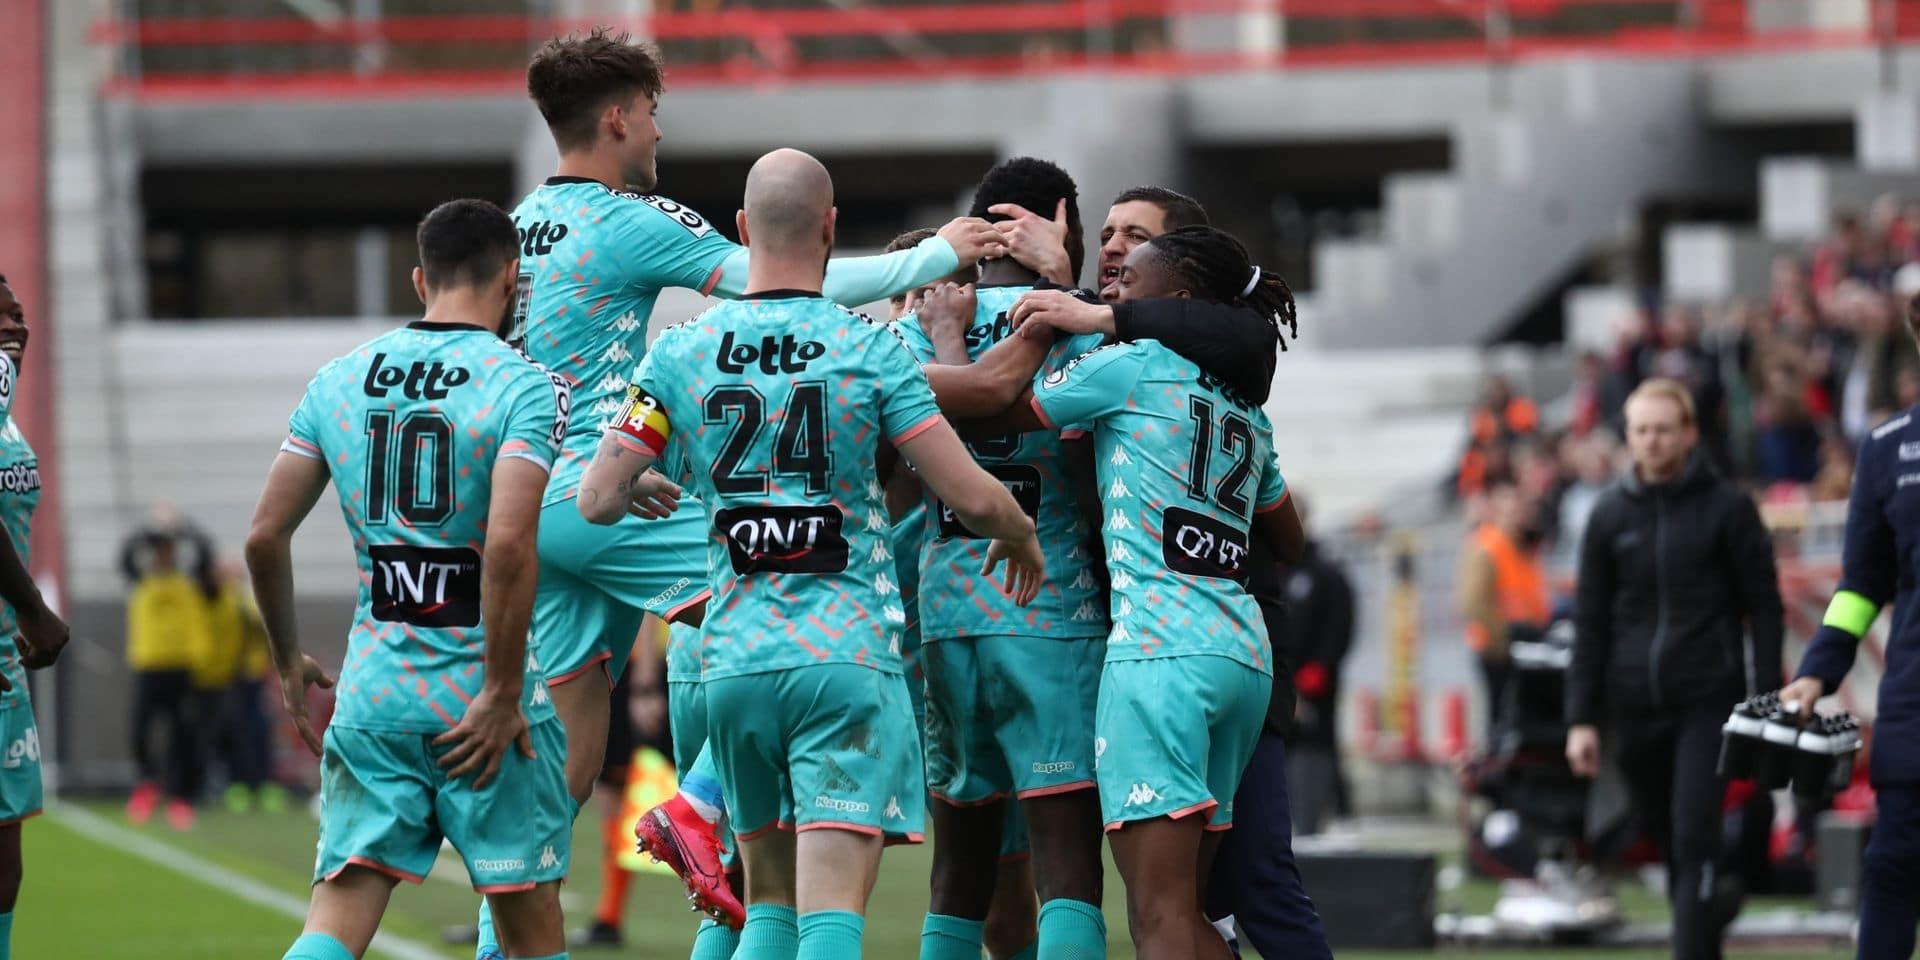 Grâce à la victoire de Mouscron, Charleroi valide son billet pour les playoffs 1